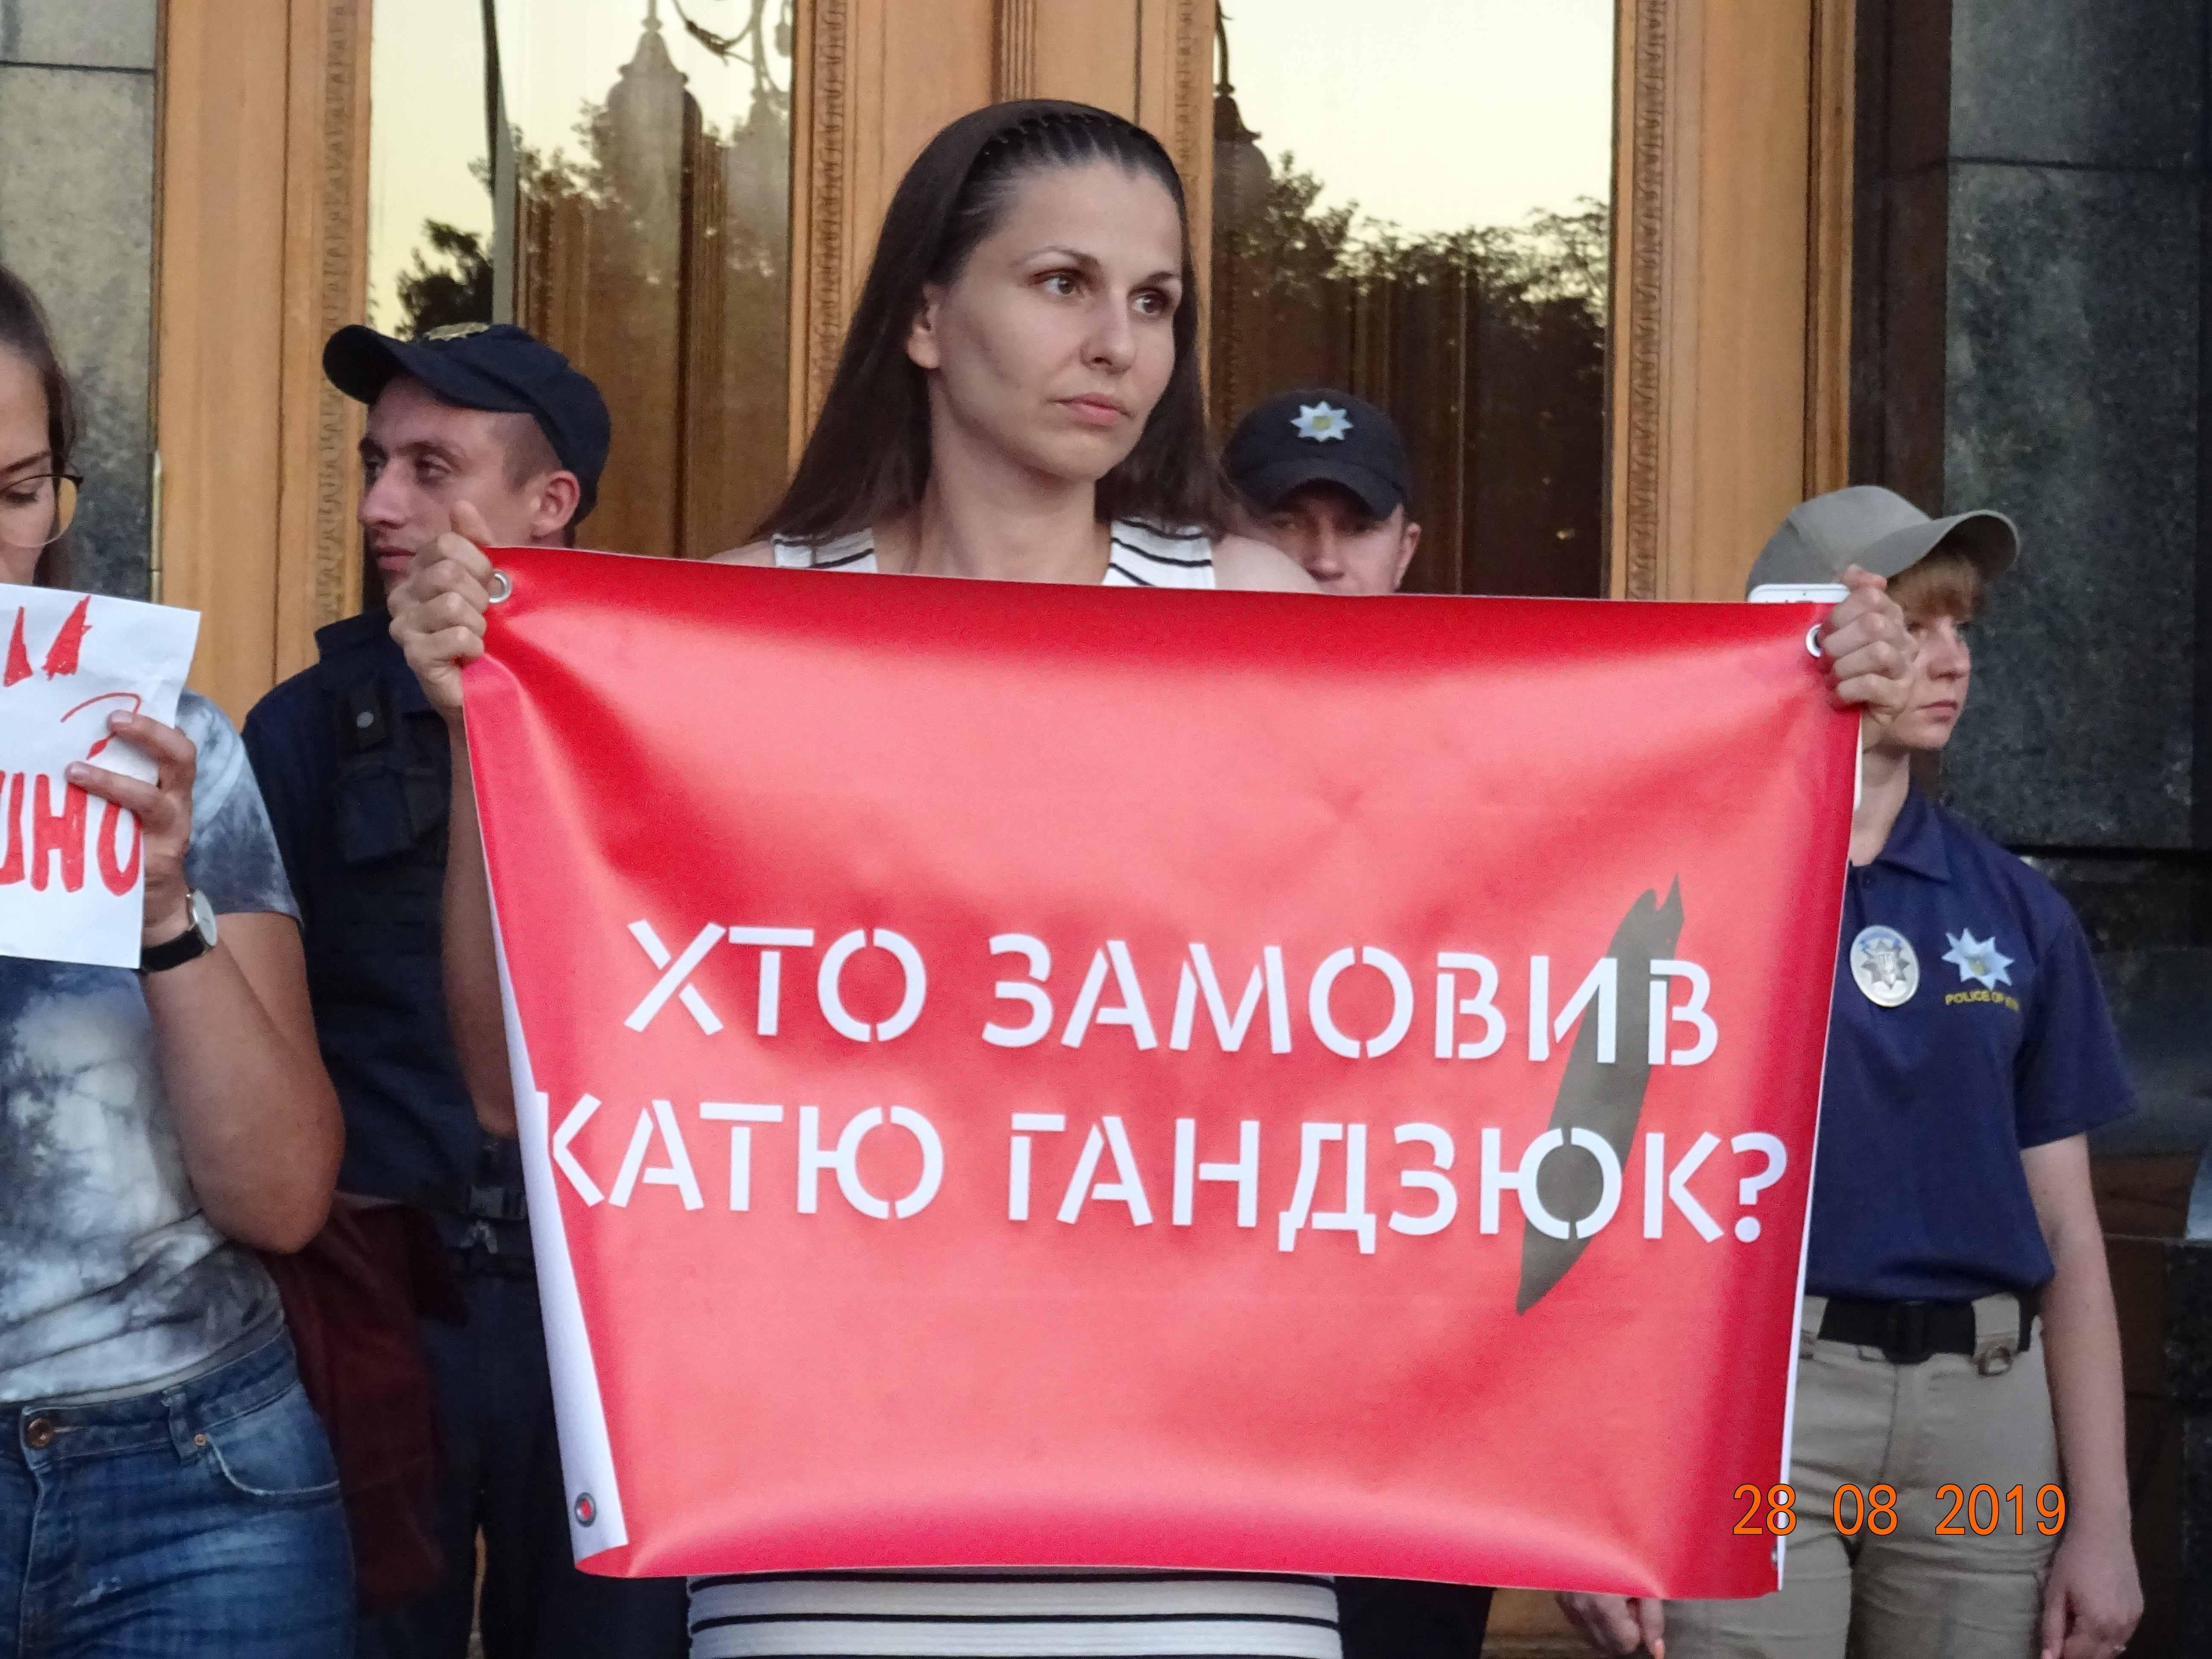 Avakov-Chort-Devil - Avakov-Chort-Devil-image029.jpg